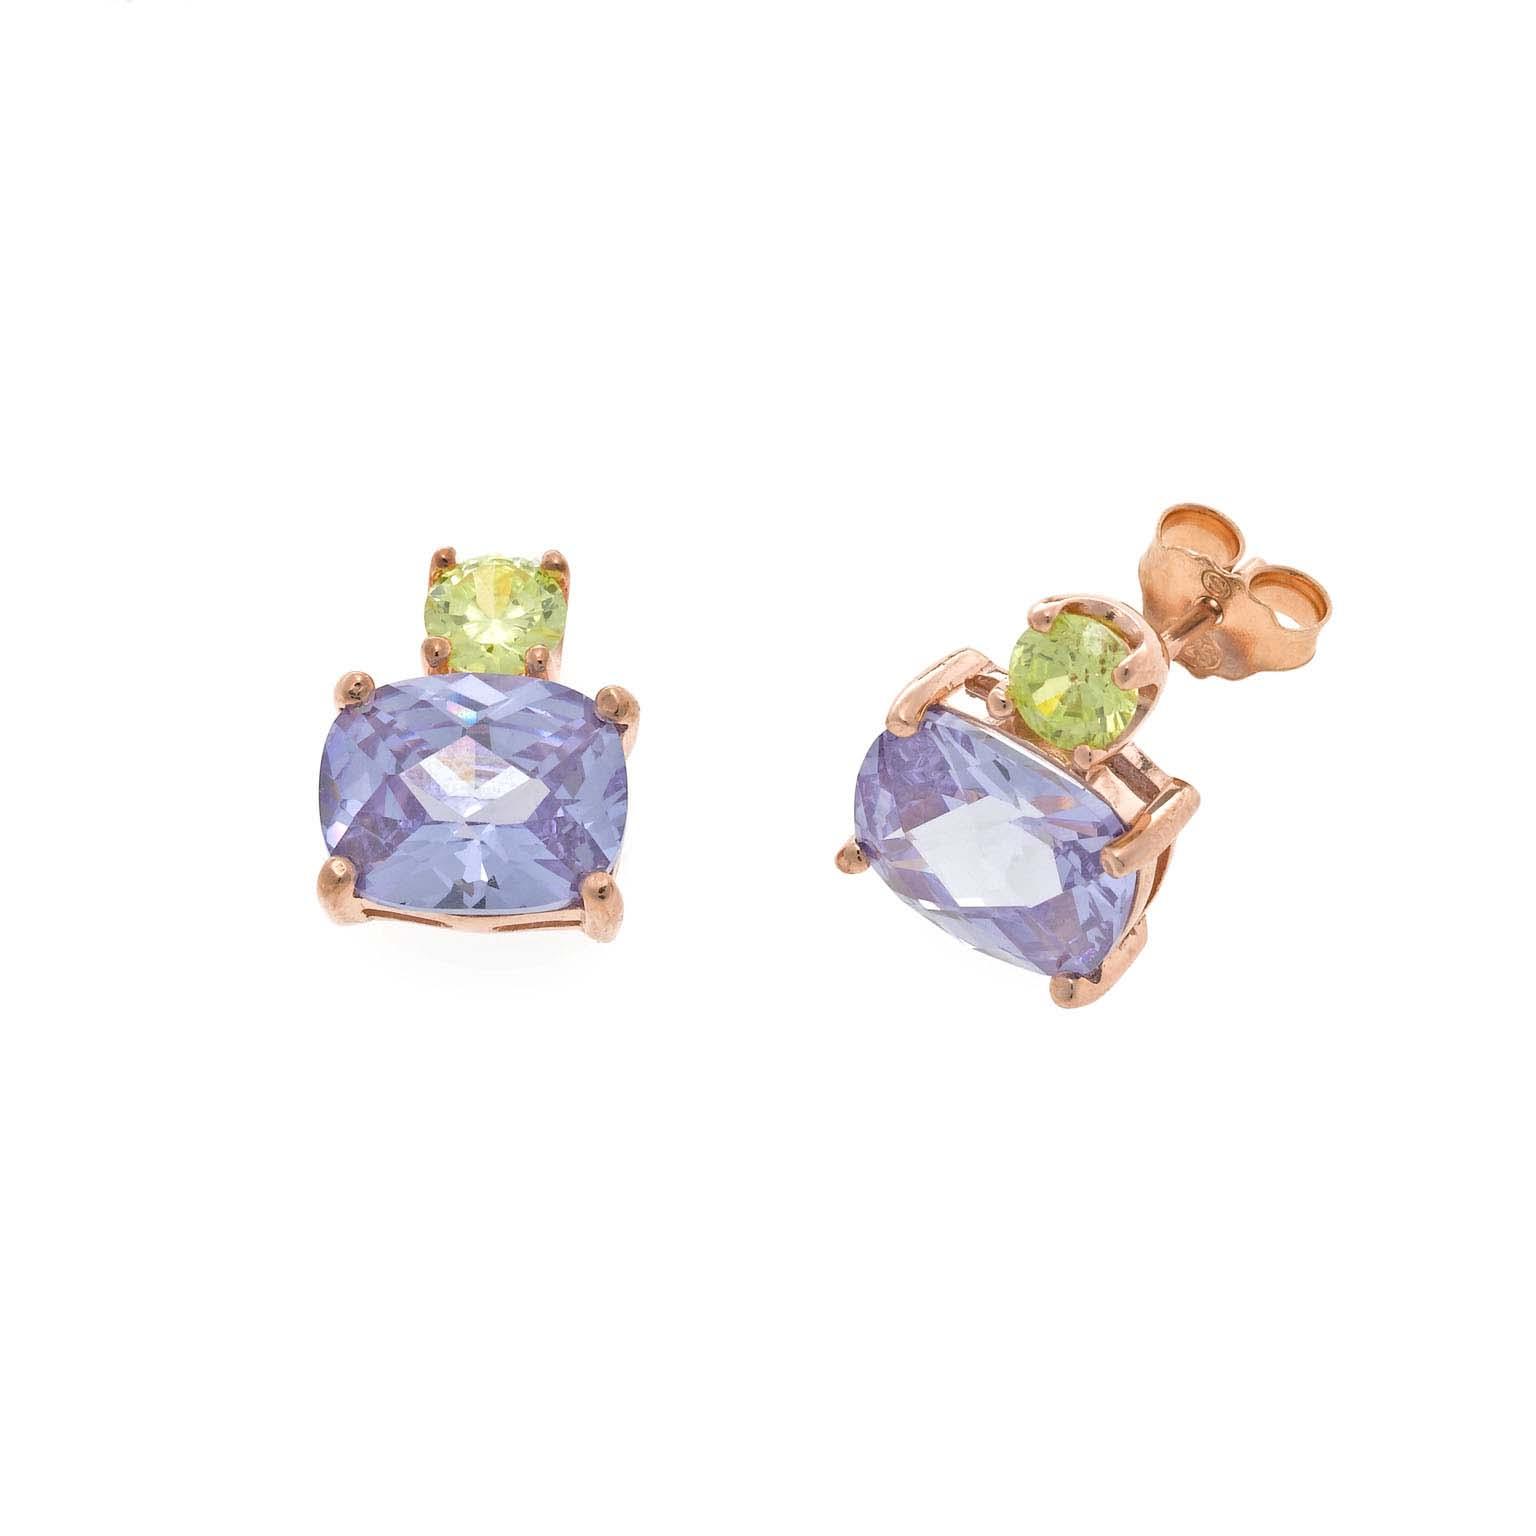 donde comprar regalos alicante - regalos reyes alicante - regaslar joyas alicante -joyeria marga mira - tienda joyas alicante - mejores joyerias alicante (1)